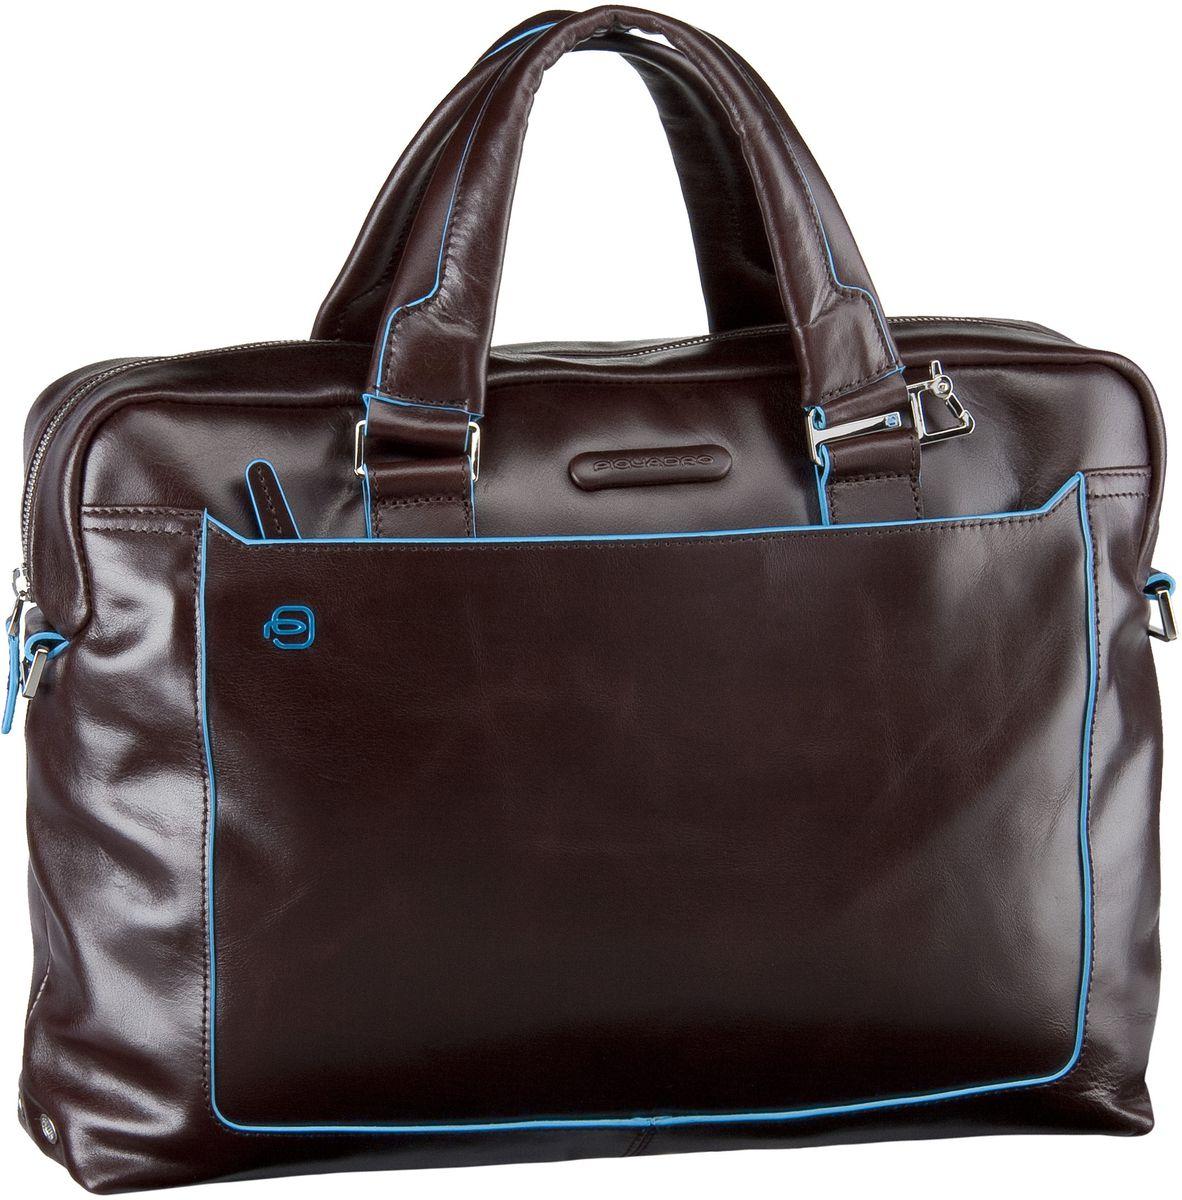 Businesstaschen für Frauen - Piquadro Blue Square Tote Bag Quer Mogano Aktentasche  - Onlineshop Taschenkaufhaus